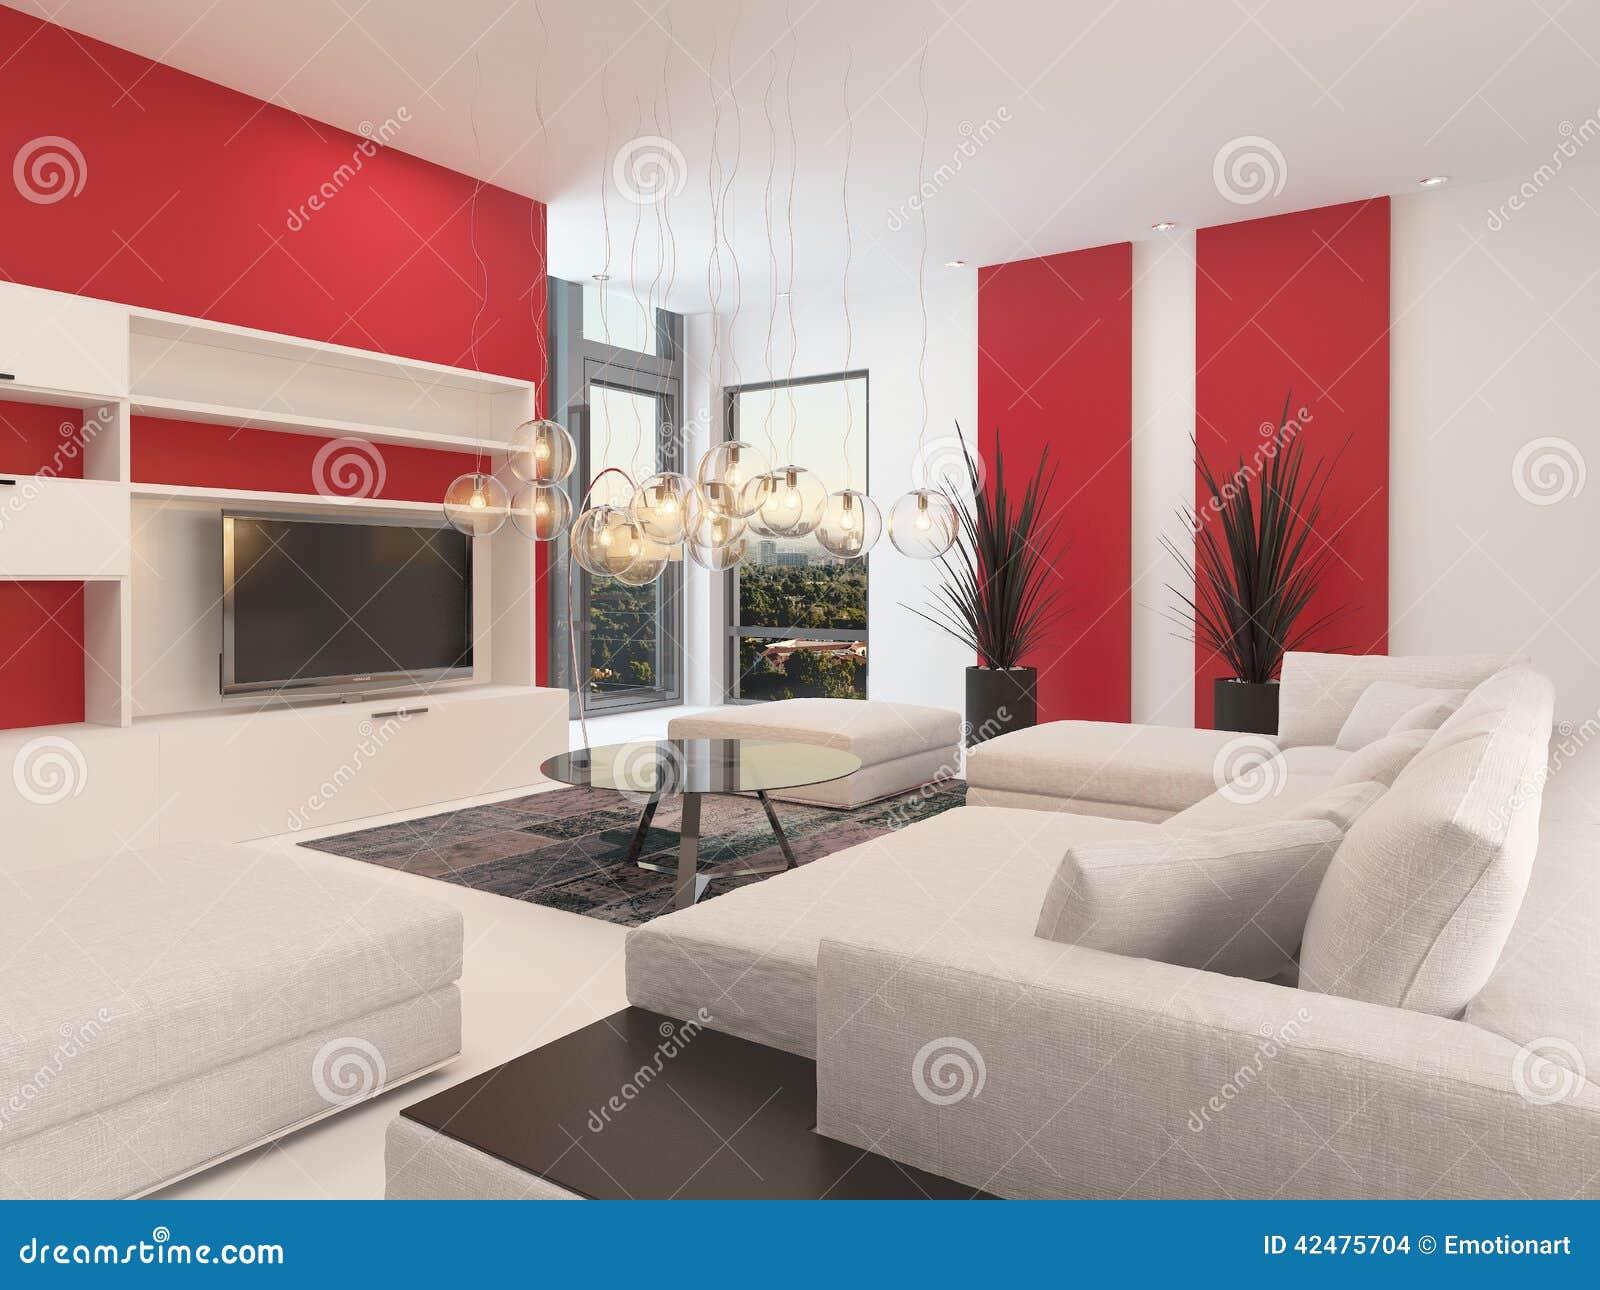 Woonkamer grijs rood 100 images vojtsek com inspiration woonkamer kleuren decoratie - Eigentijdse woonkamer decoratie ...